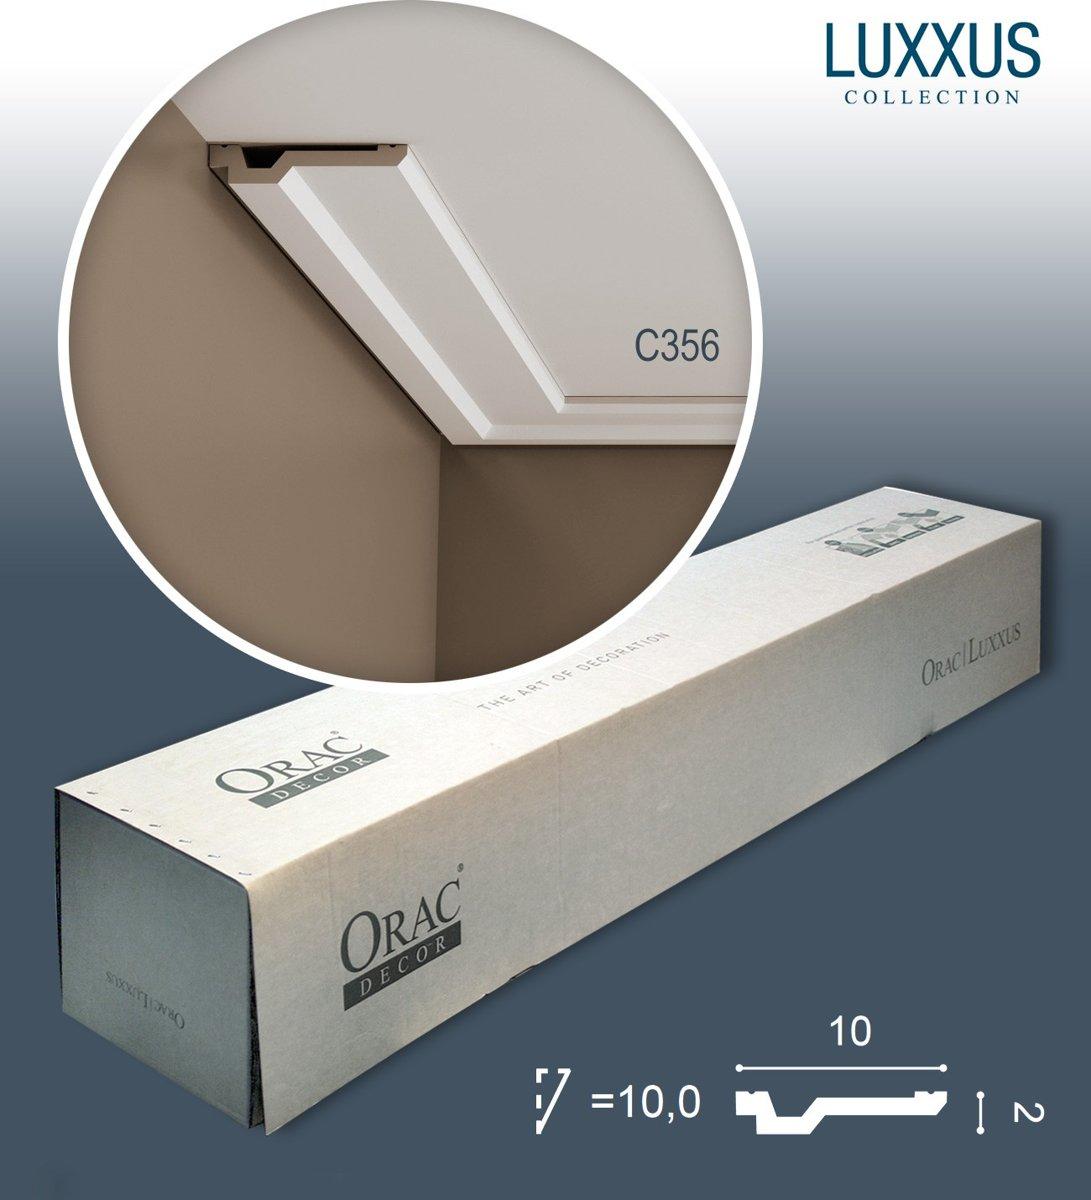 1 doos 14 Plafondlijsten Origineel Orac Decor C356 LUXXUS Kroonlijsten Sierlijsten 28 m kopen